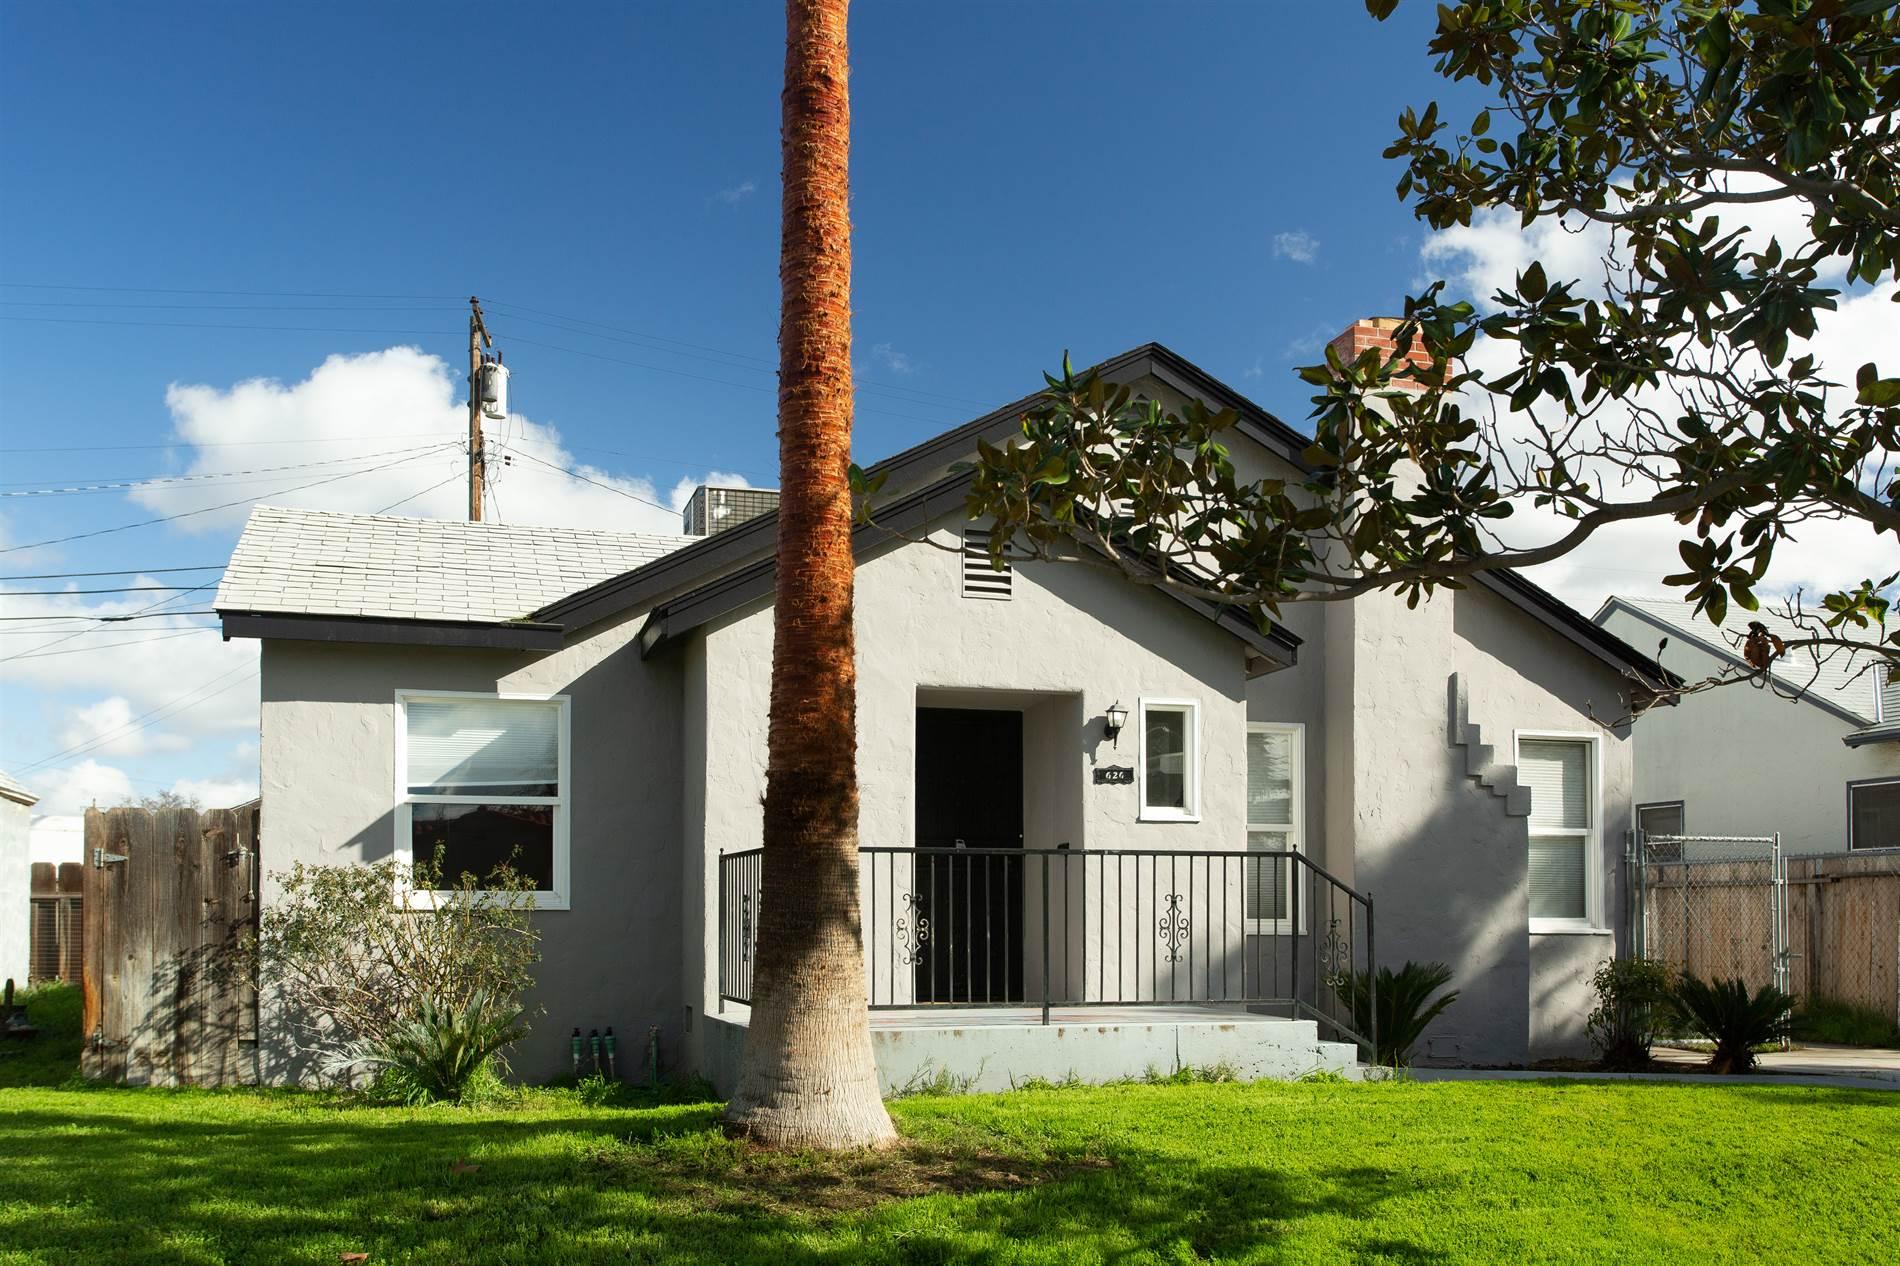 626 N. Safford Ave., Fresno, CA 93728